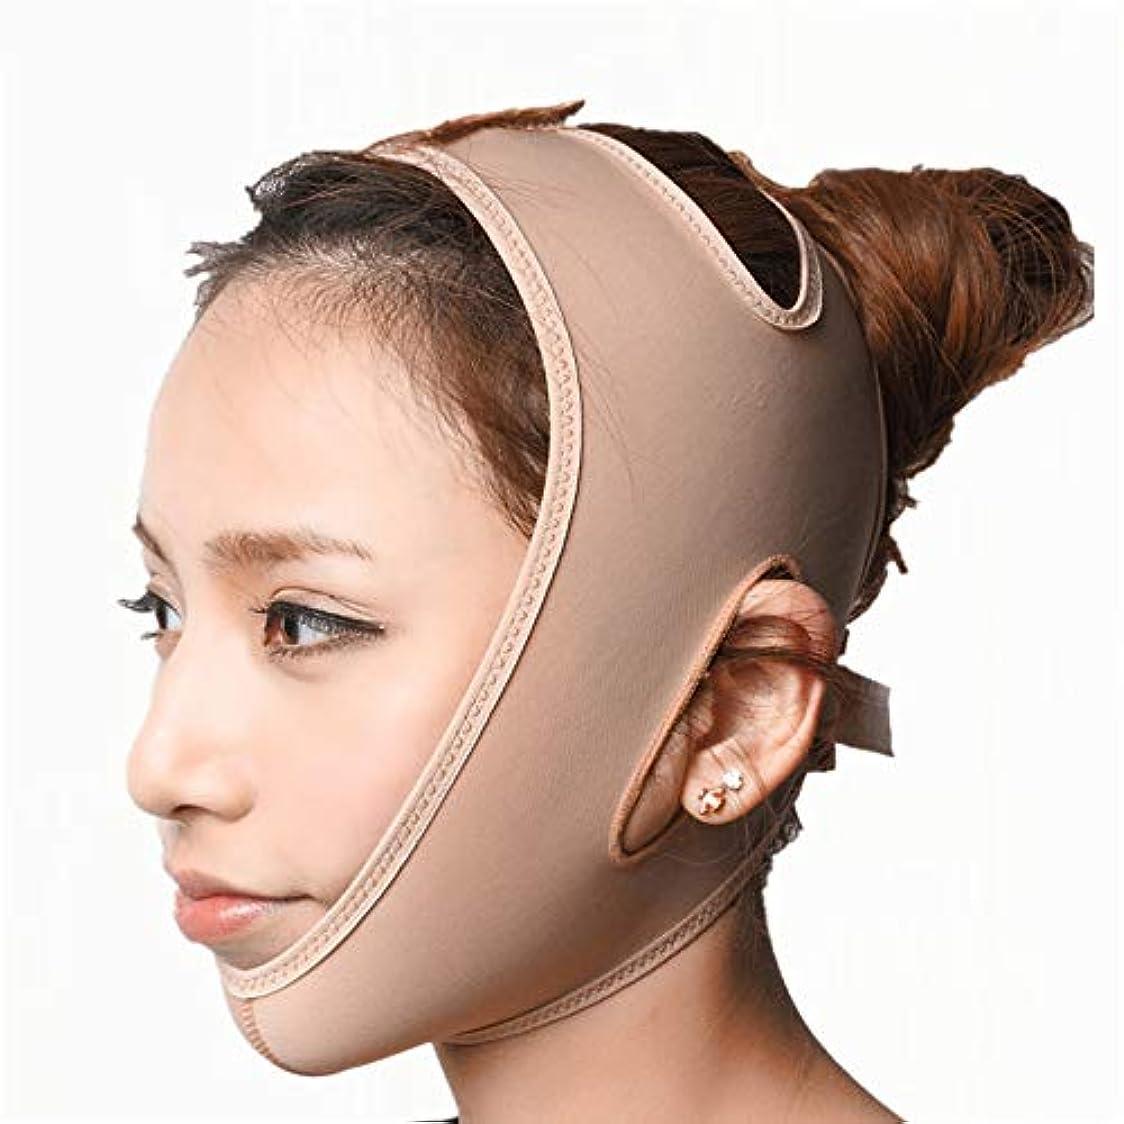 研究良性筋Minmin 顔の持ち上がる痩身ベルト - アンチエイジングリンクルフェイスマスクベルトシンフェイス包帯整形マスクは顔と首を締めますフェイススリム みんみんVラインフェイスマスク (Size : L)